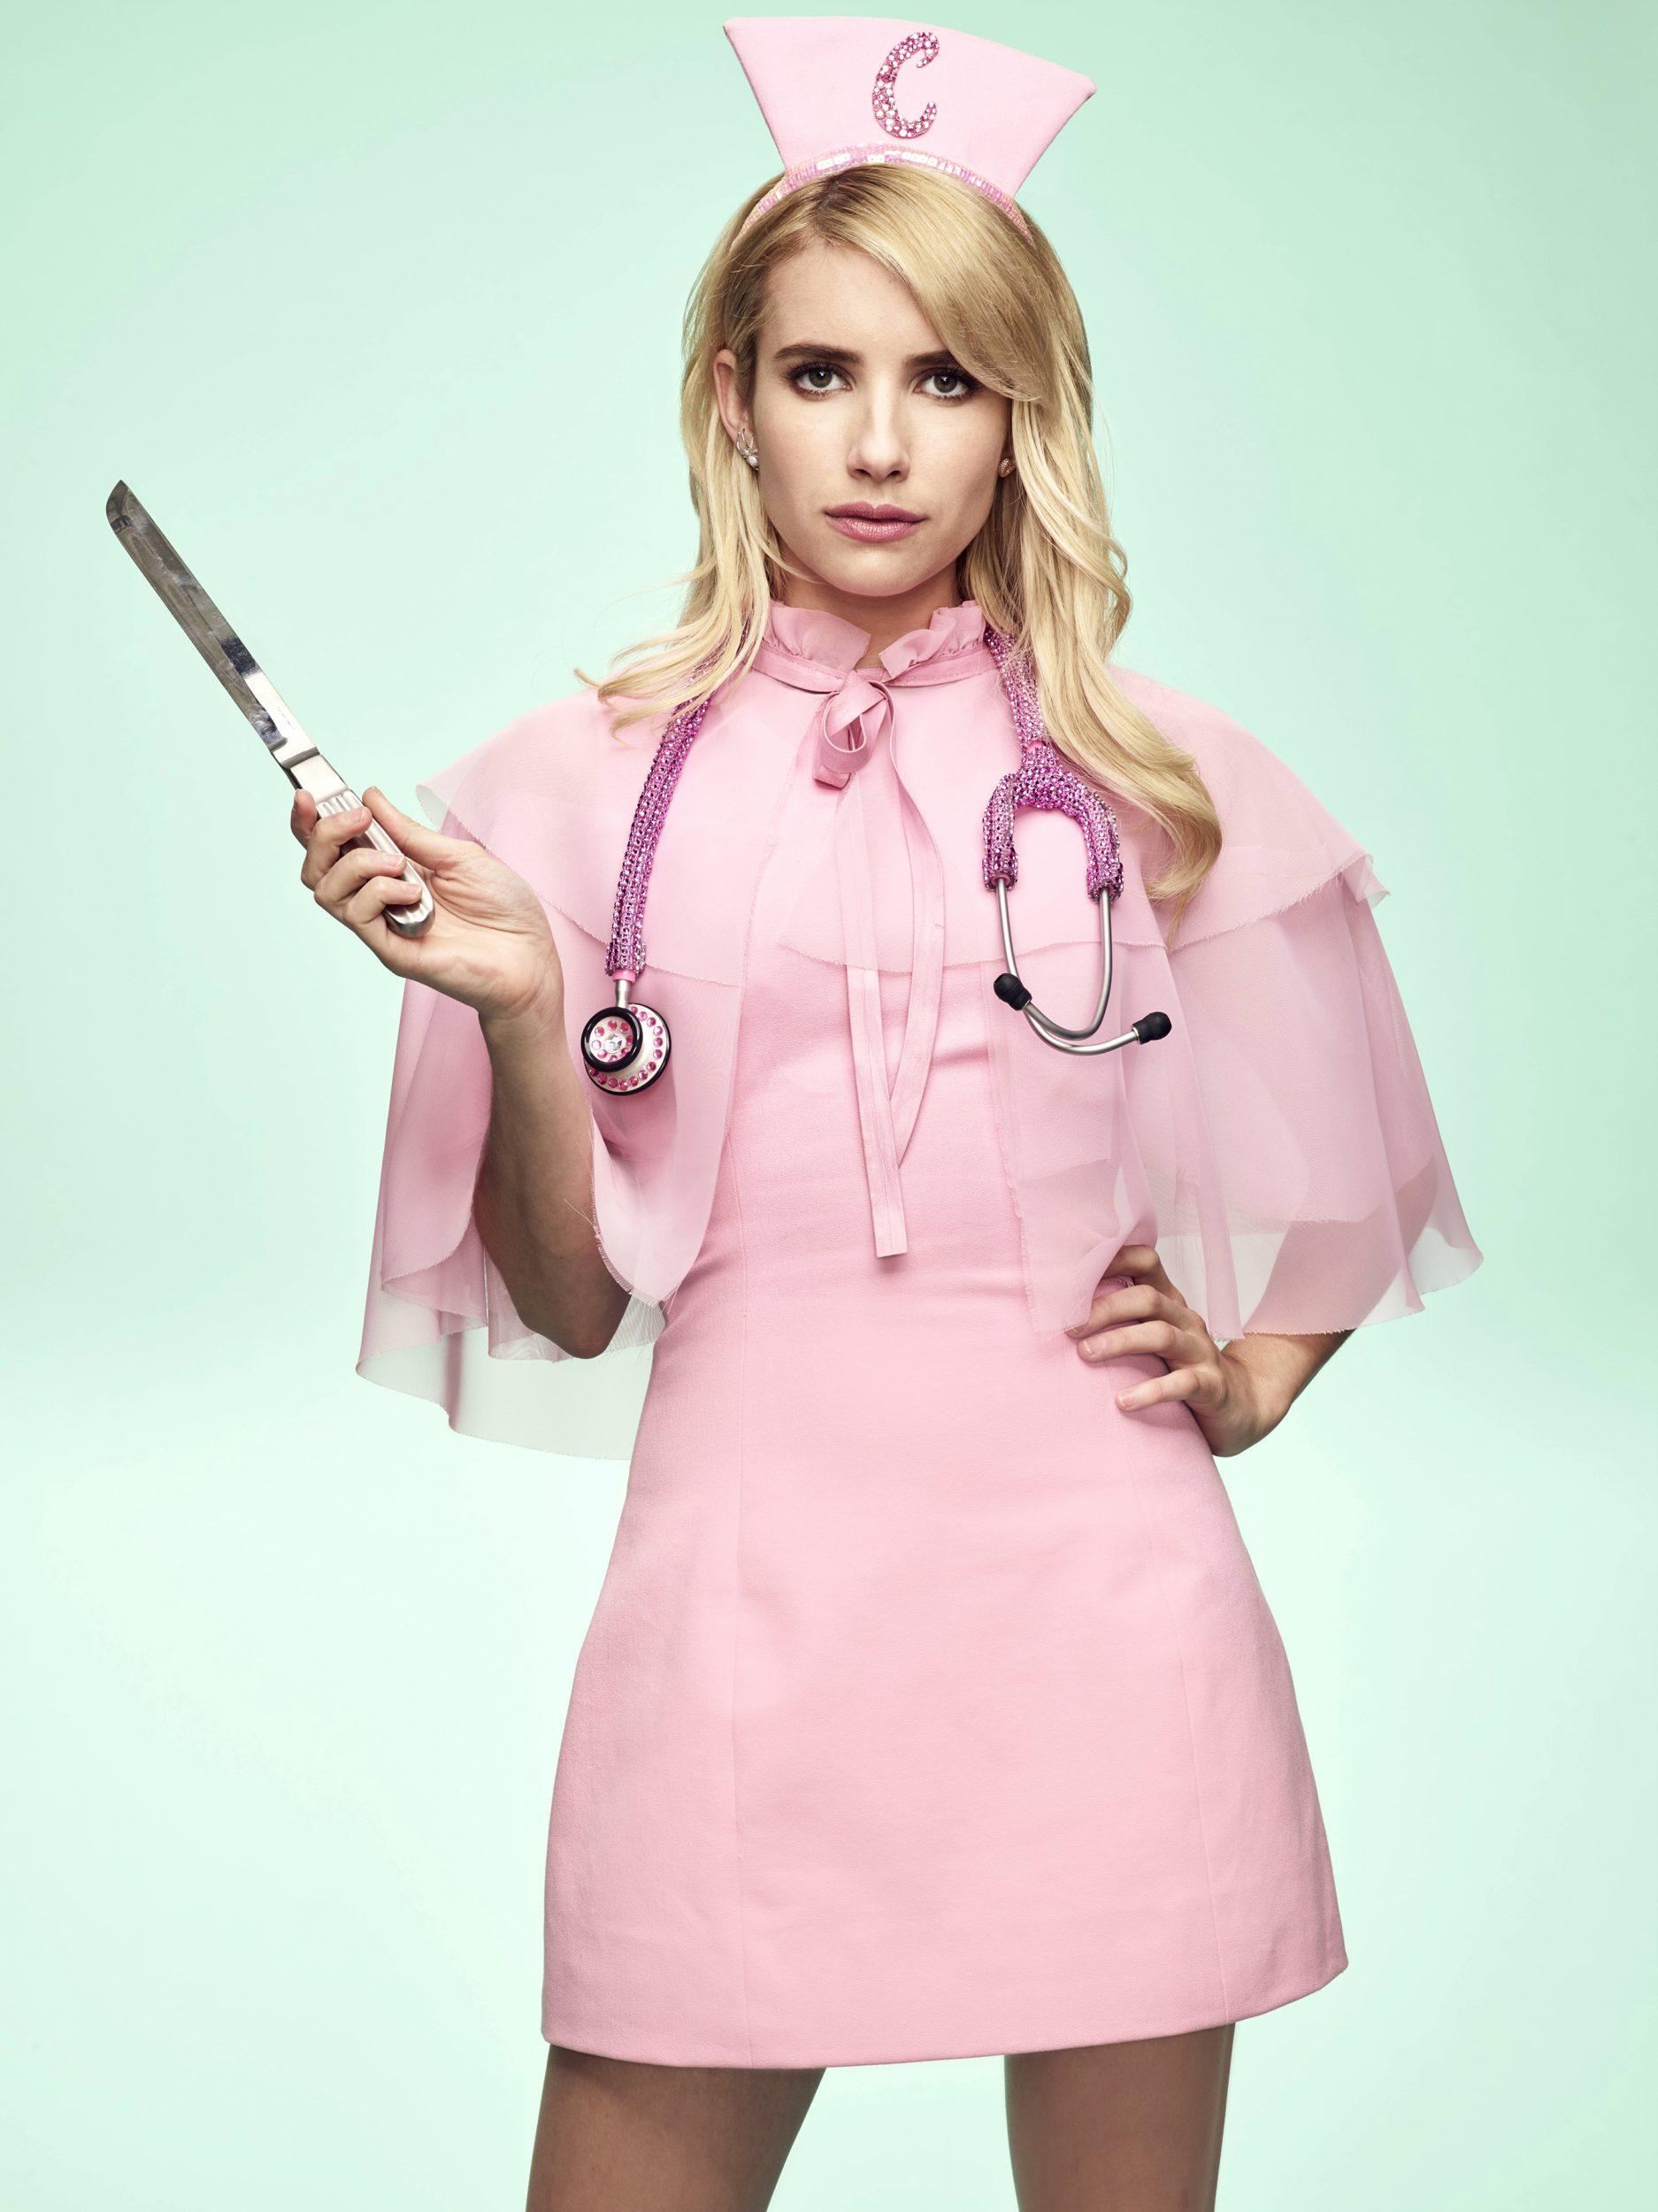 FOX Reveals Season 2 Scream Queens Character Gallery